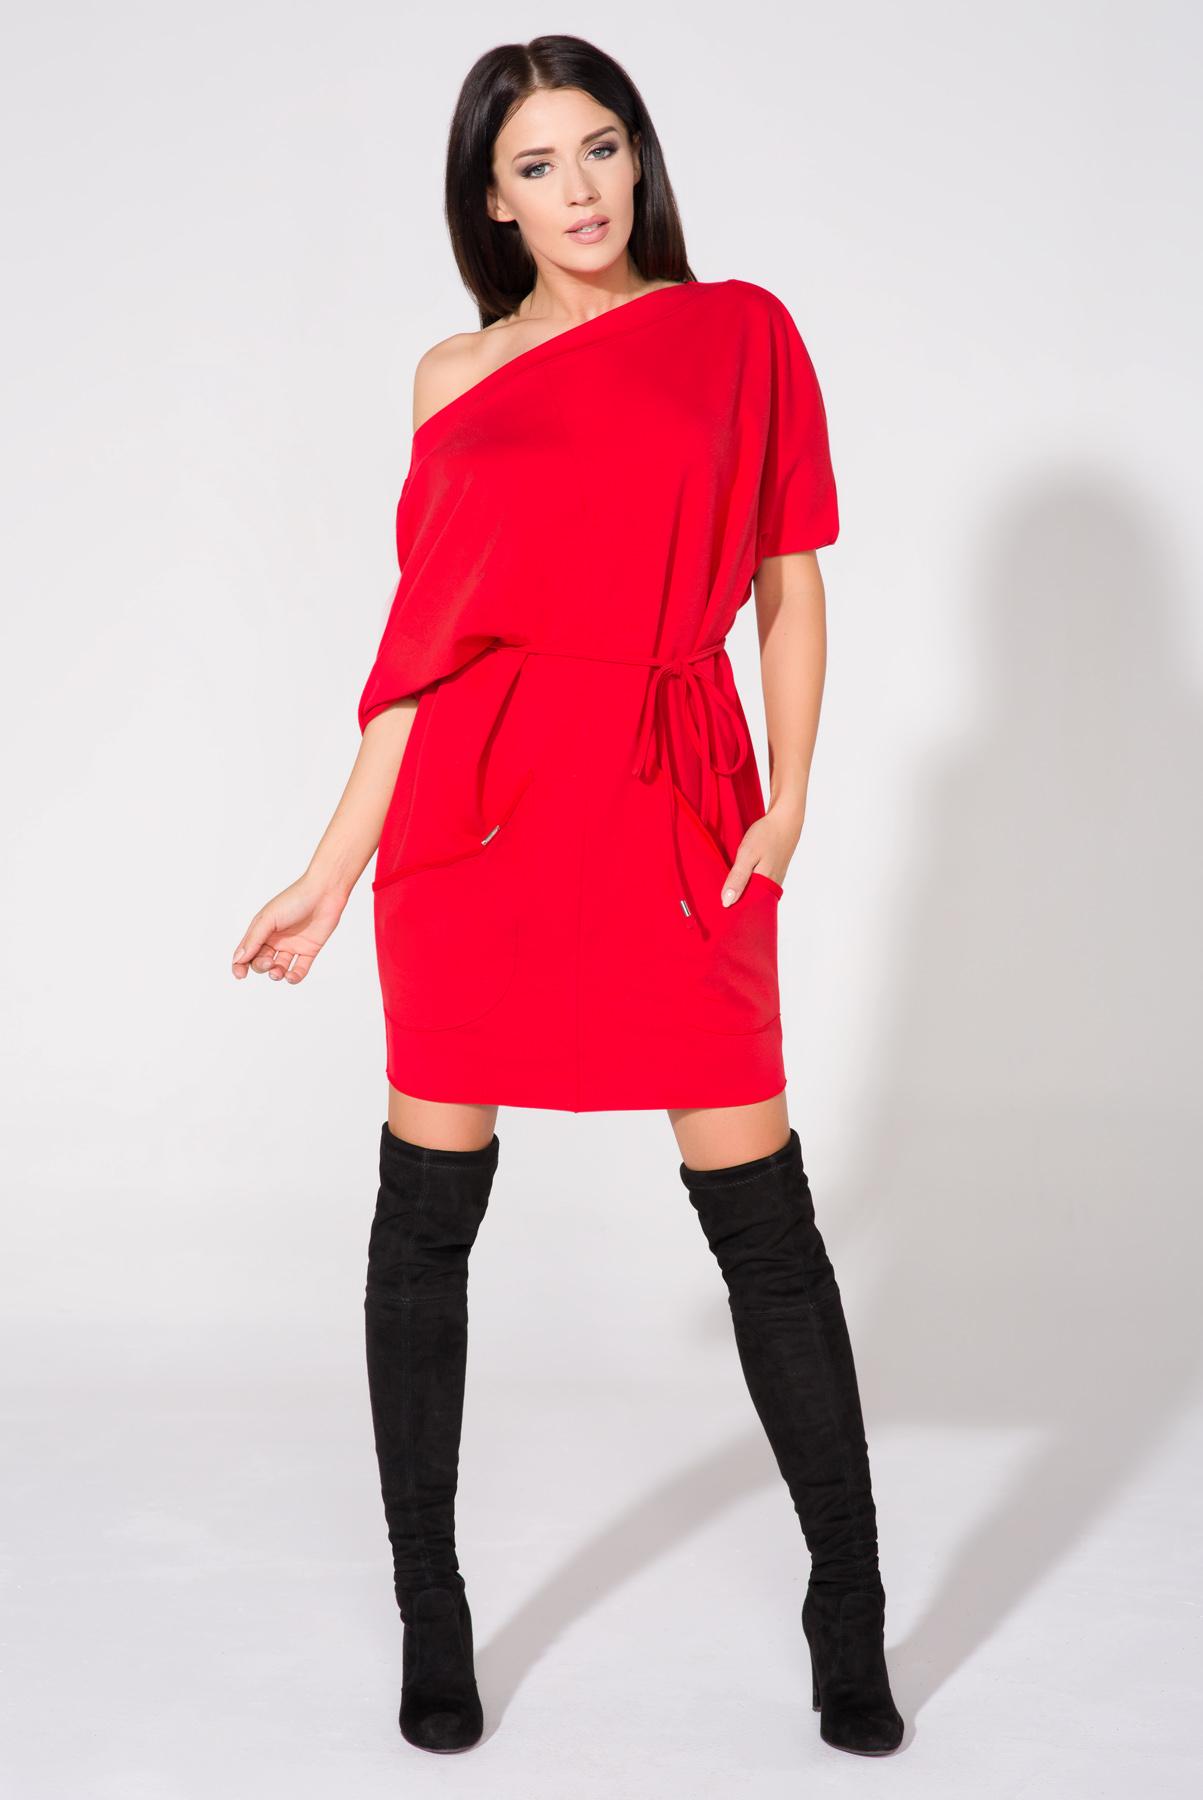 54d7bb467e Czerwona Sukienka Dzianinowa z Nakładanymi Kieszeniami - Molly.pl